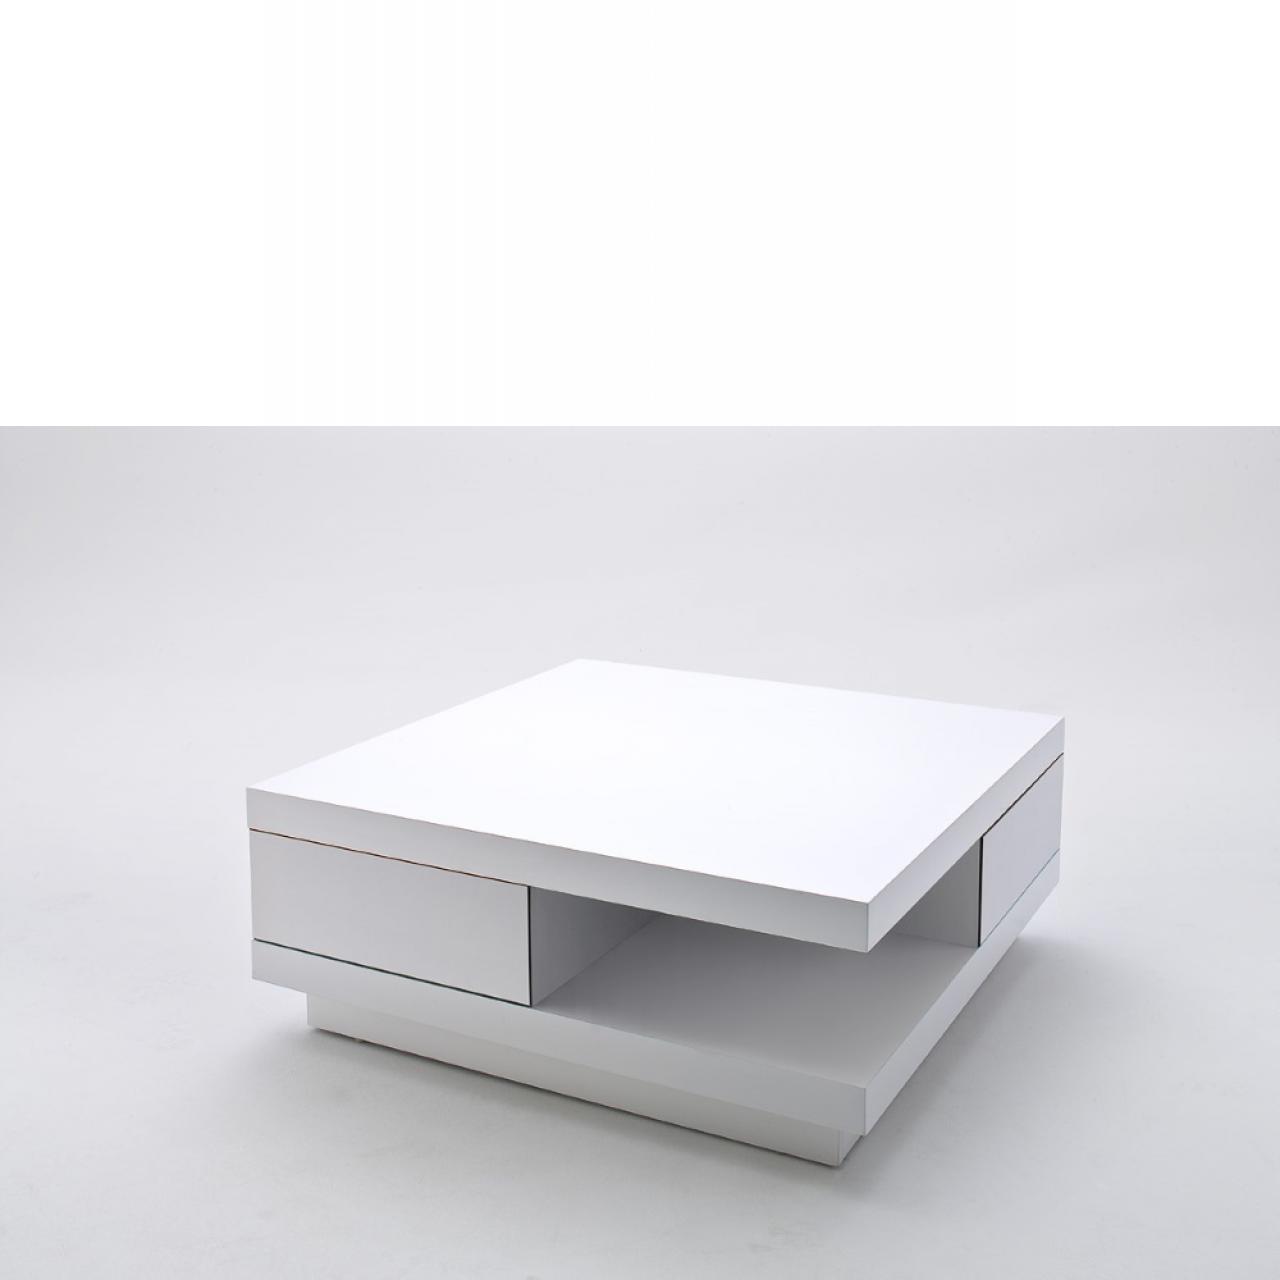 Couchtisch Abby in Weiß 85x85